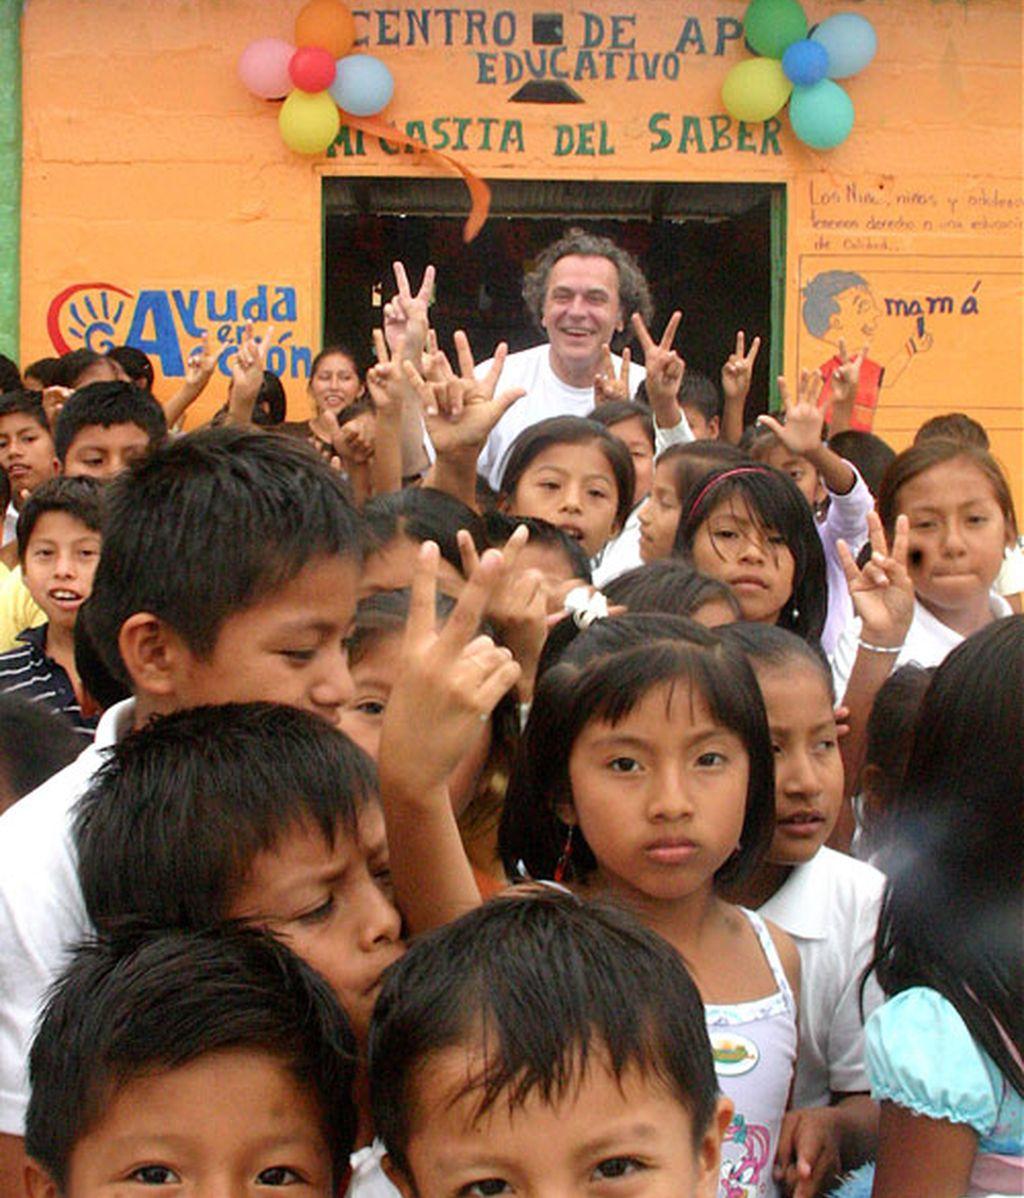 El viaje de Jose Coronado a Ecuador a través de los ojos de su hijo